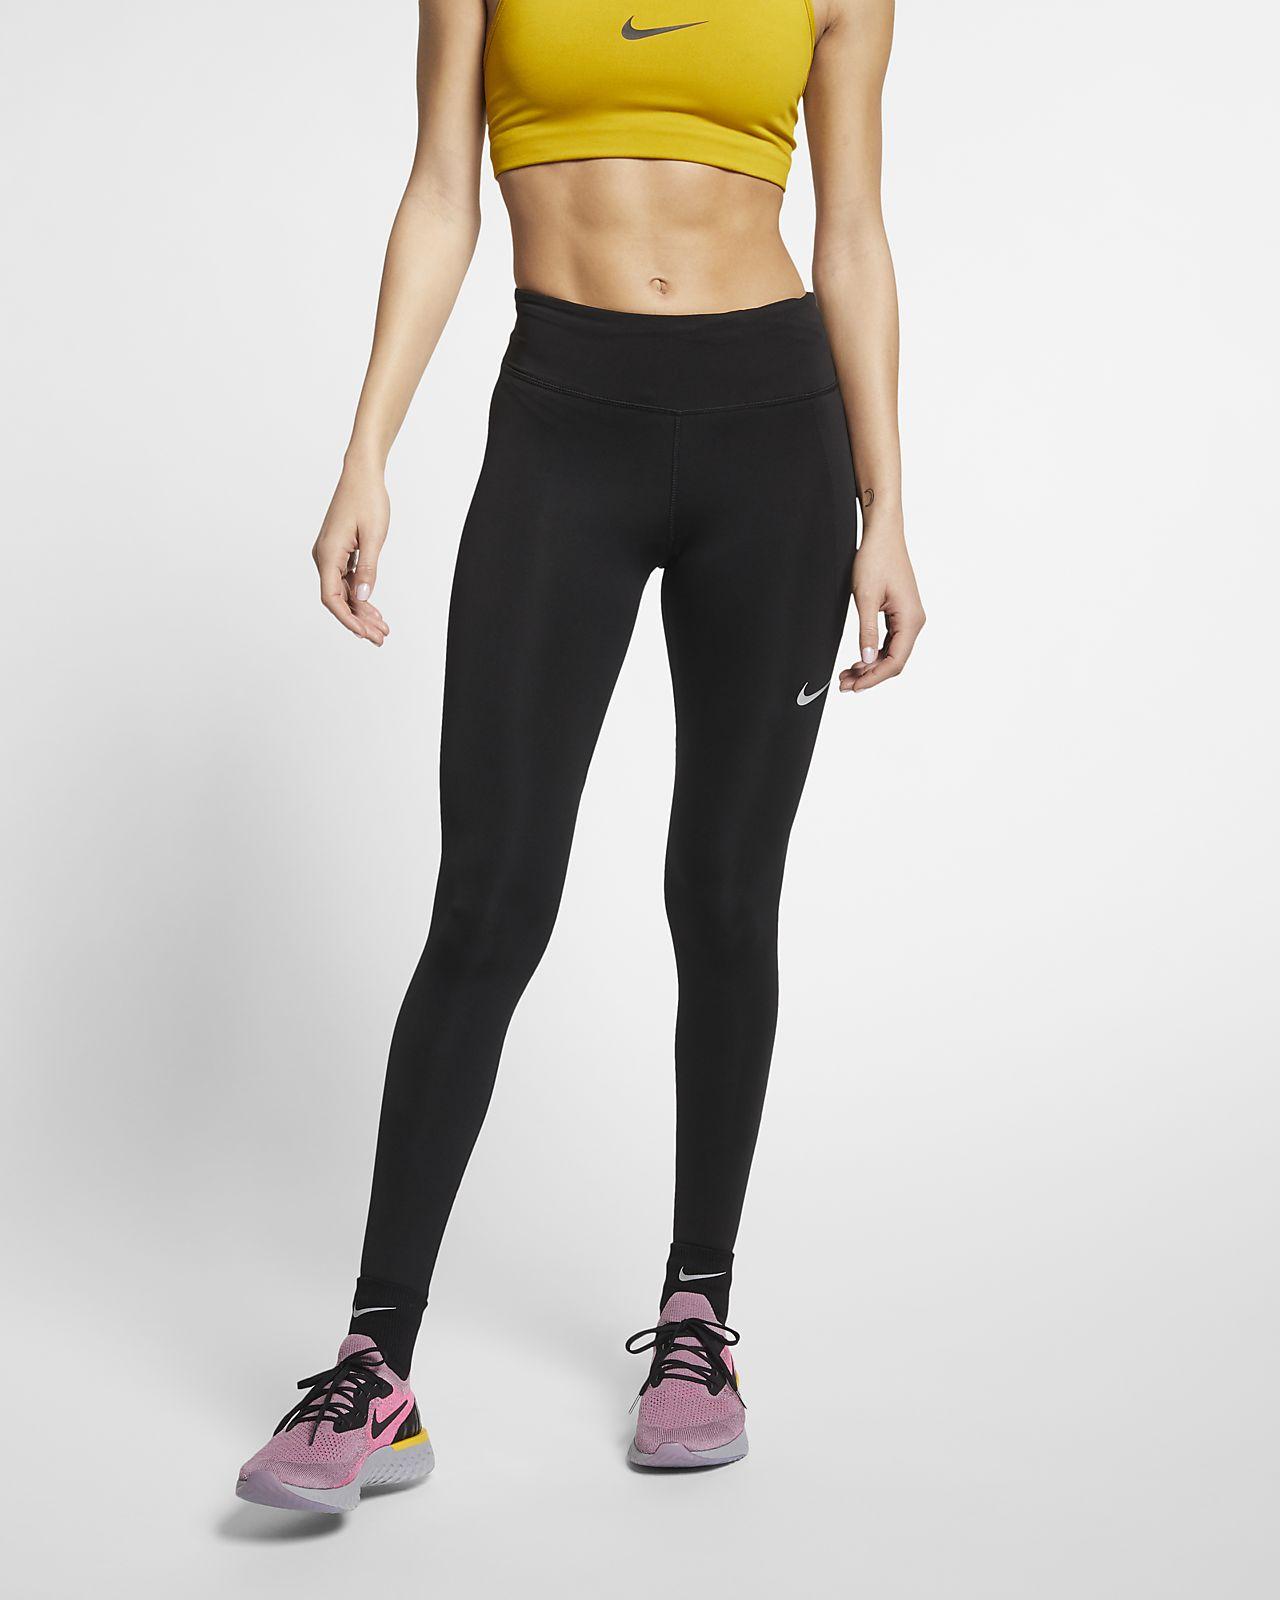 Γυναικείο κολάν για τρέξιμο Nike Fast